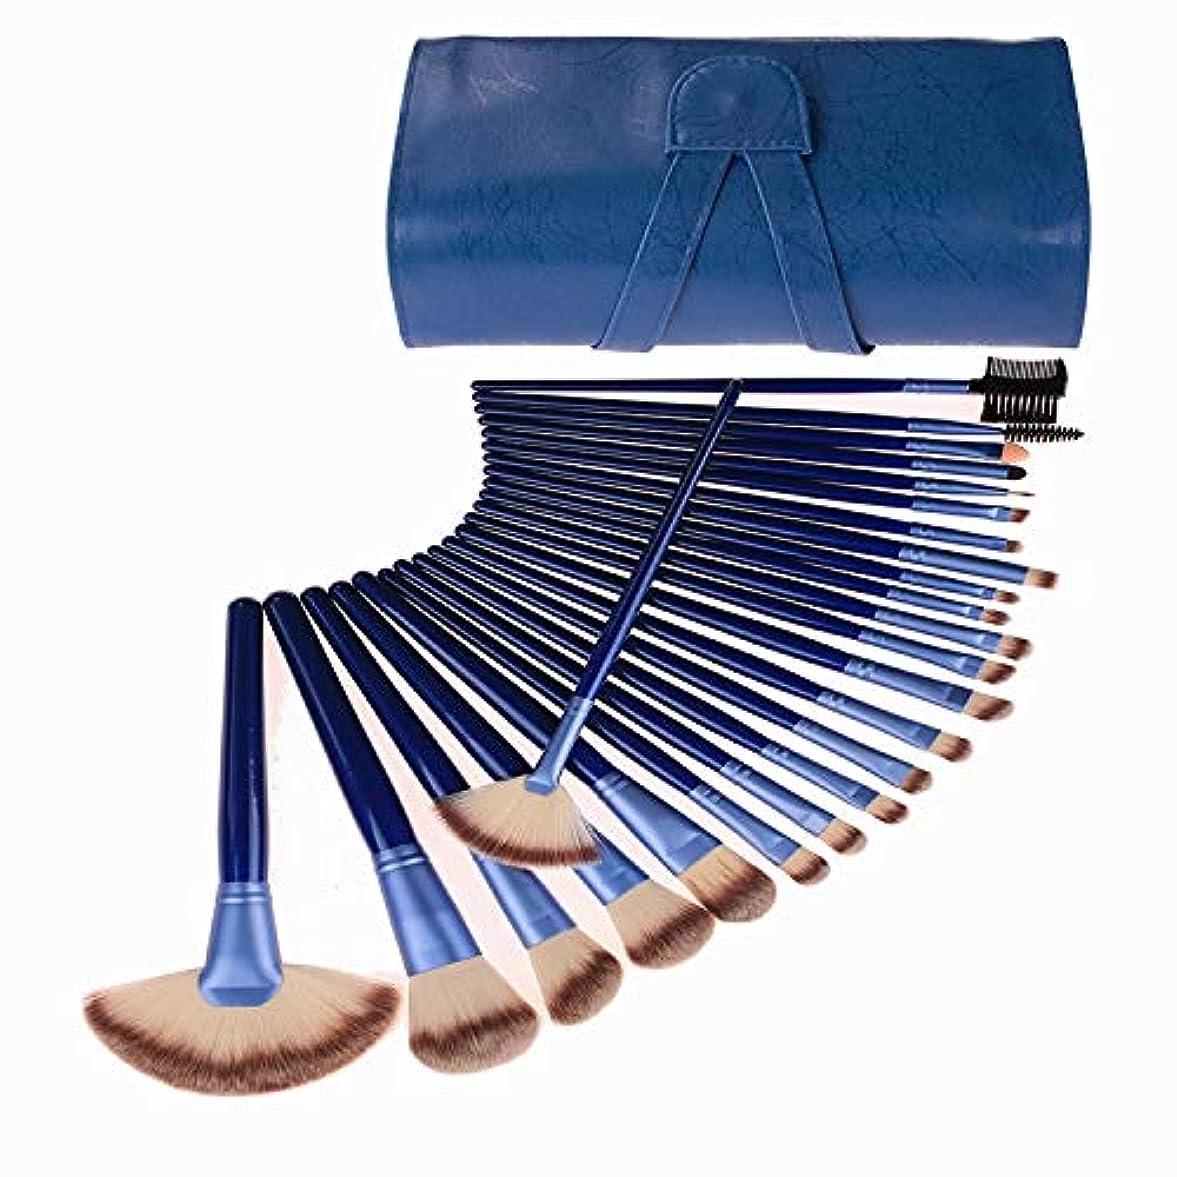 中性中性南東化粧ブラシスタートメーカー24個天然竹化粧ブラシセットビーガンプロ化粧品歌舞伎ブラシ化粧ブラシセット非常に柔らかい化粧ブラシセット美容スポンジ (Color : Blue)